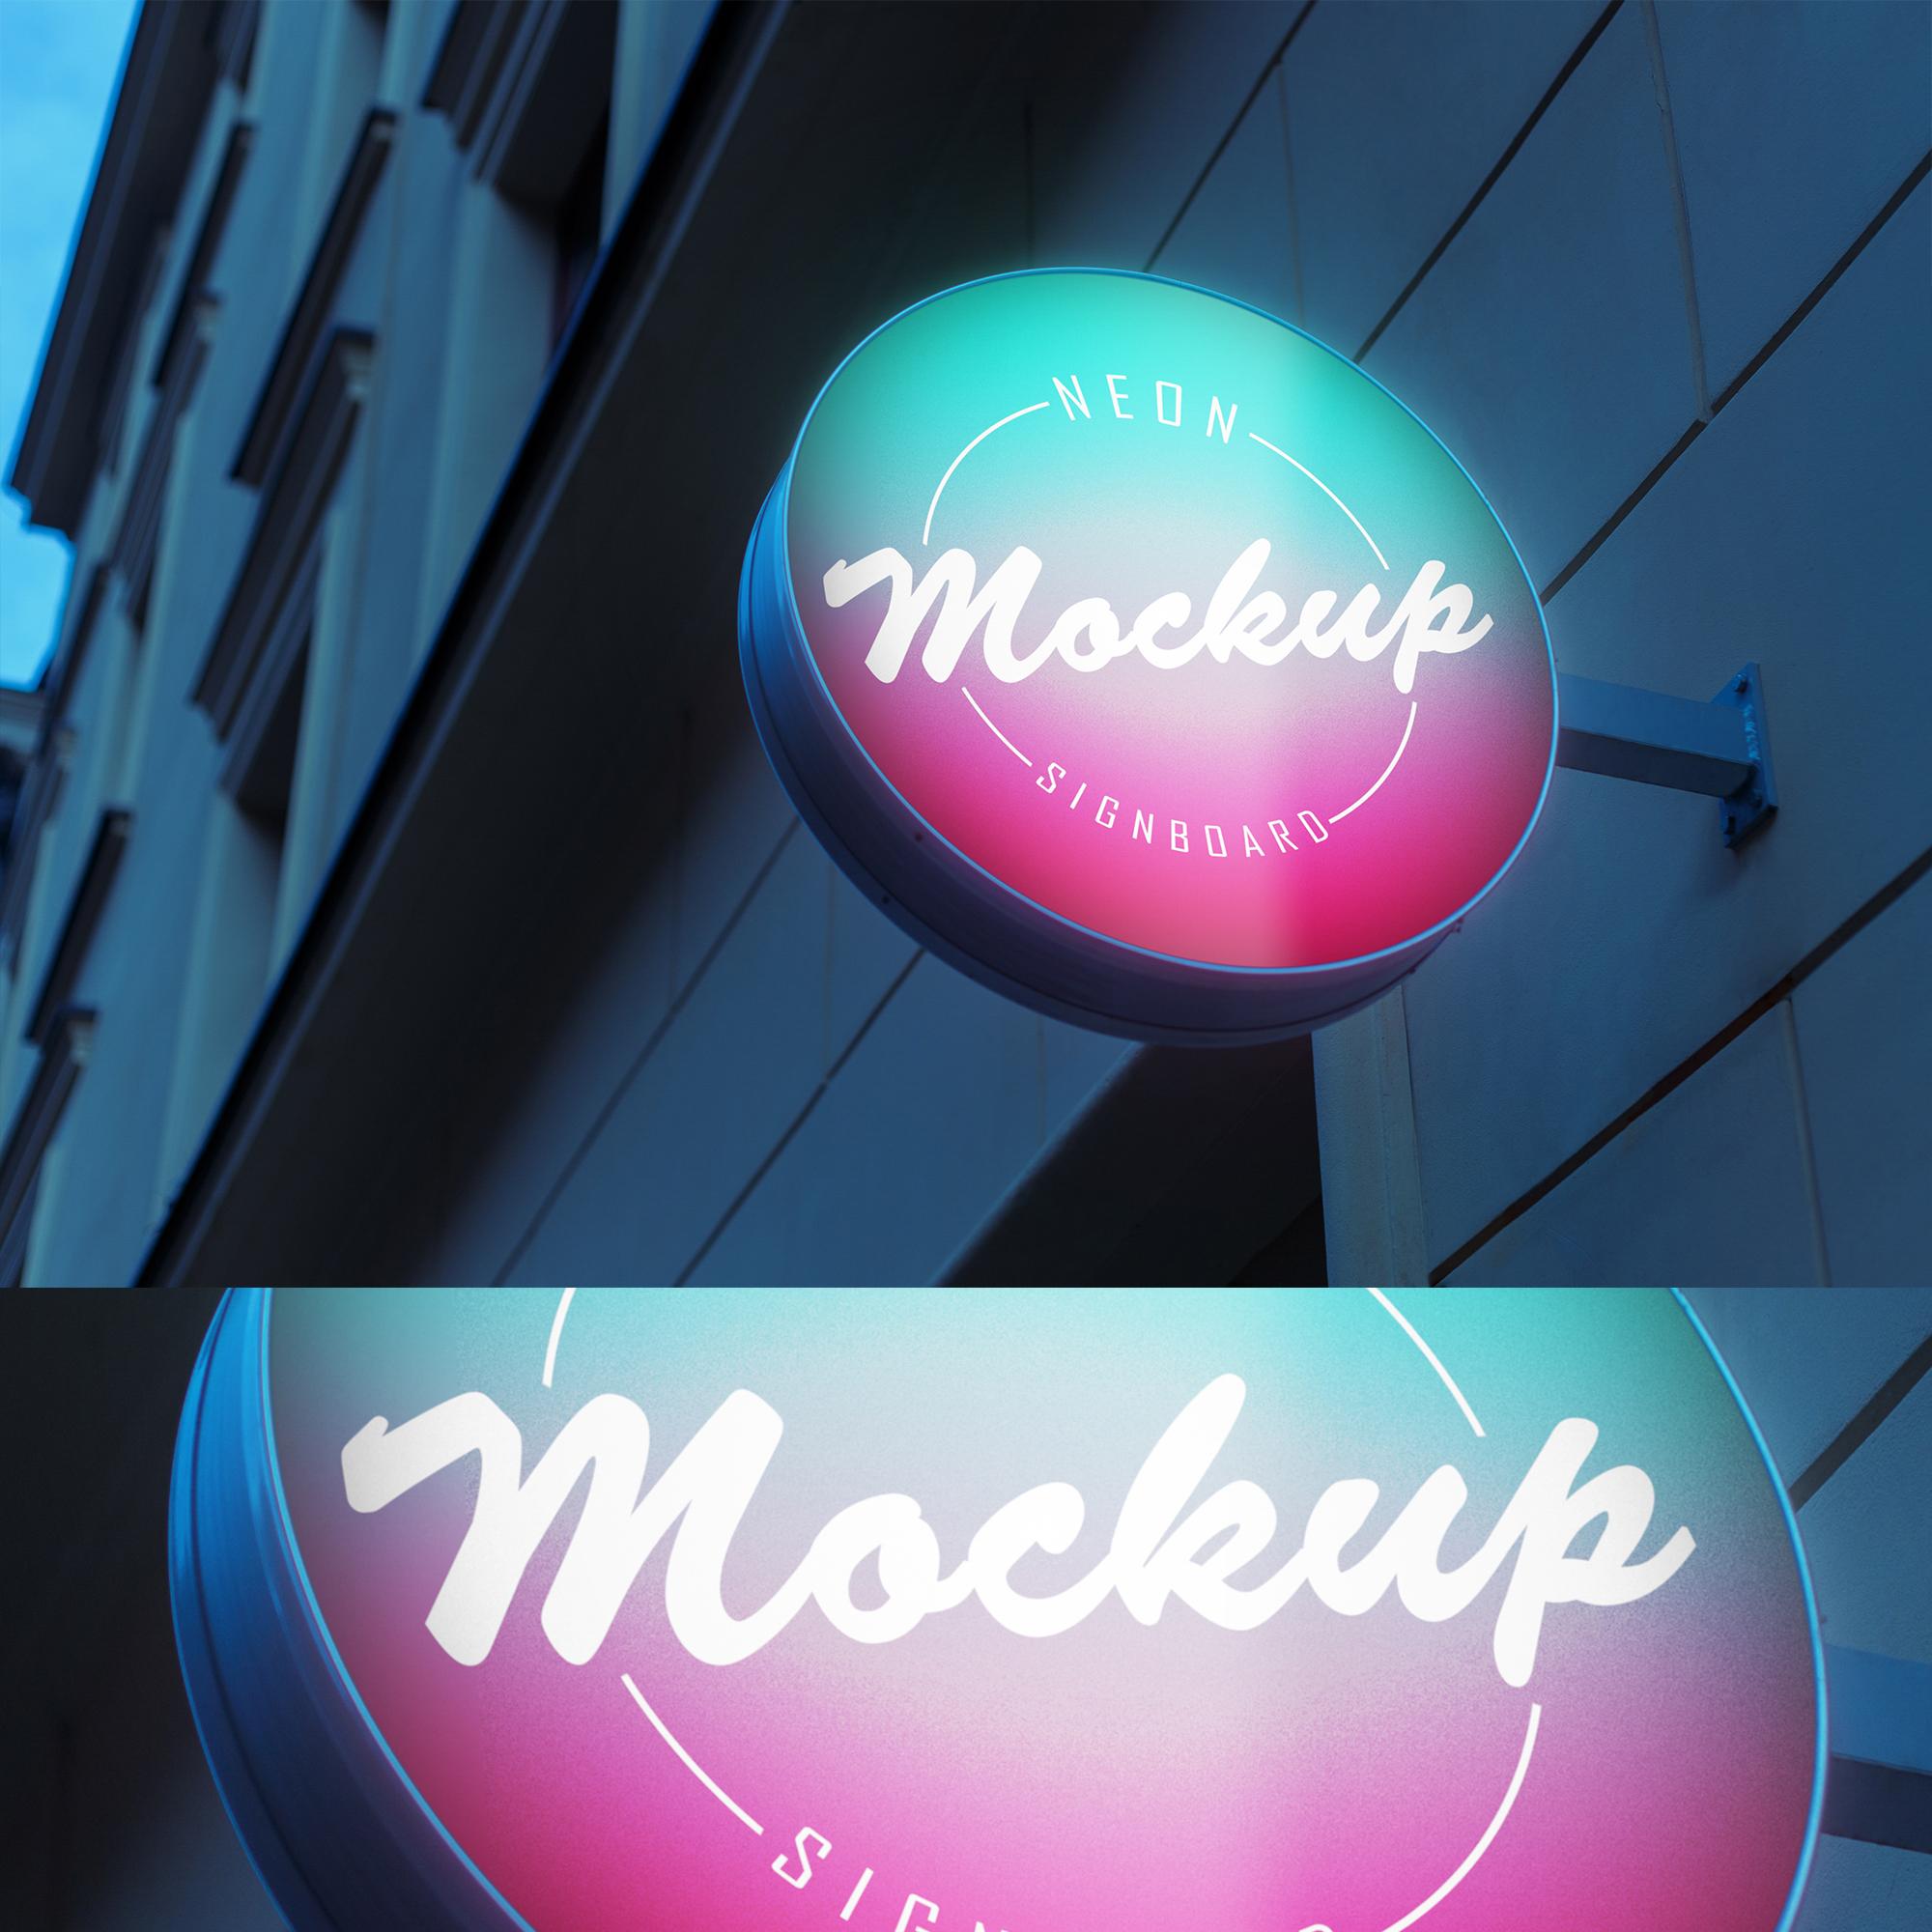 6款霓虹灯效果招牌设计展示智能贴图样机 6 Neon Signboard Mockups插图(4)